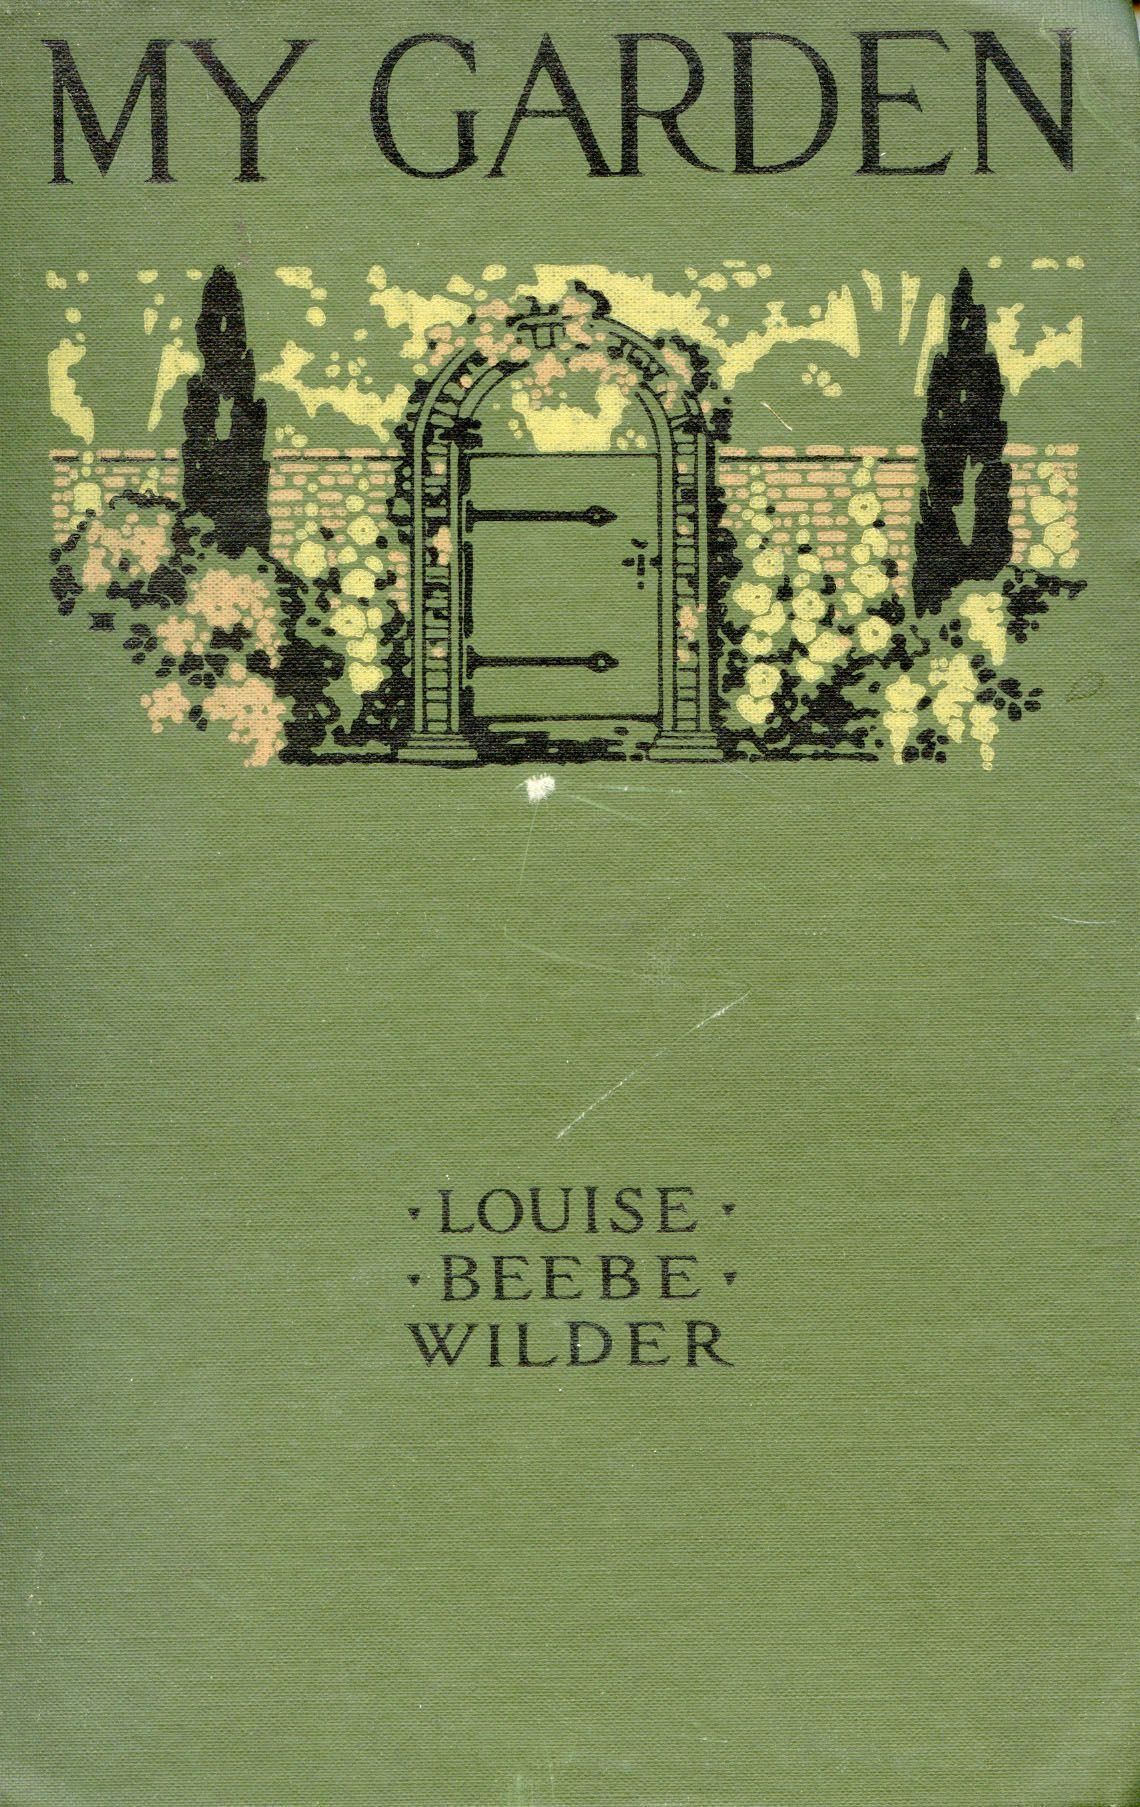 My Garden by Louise Beebe Wilder